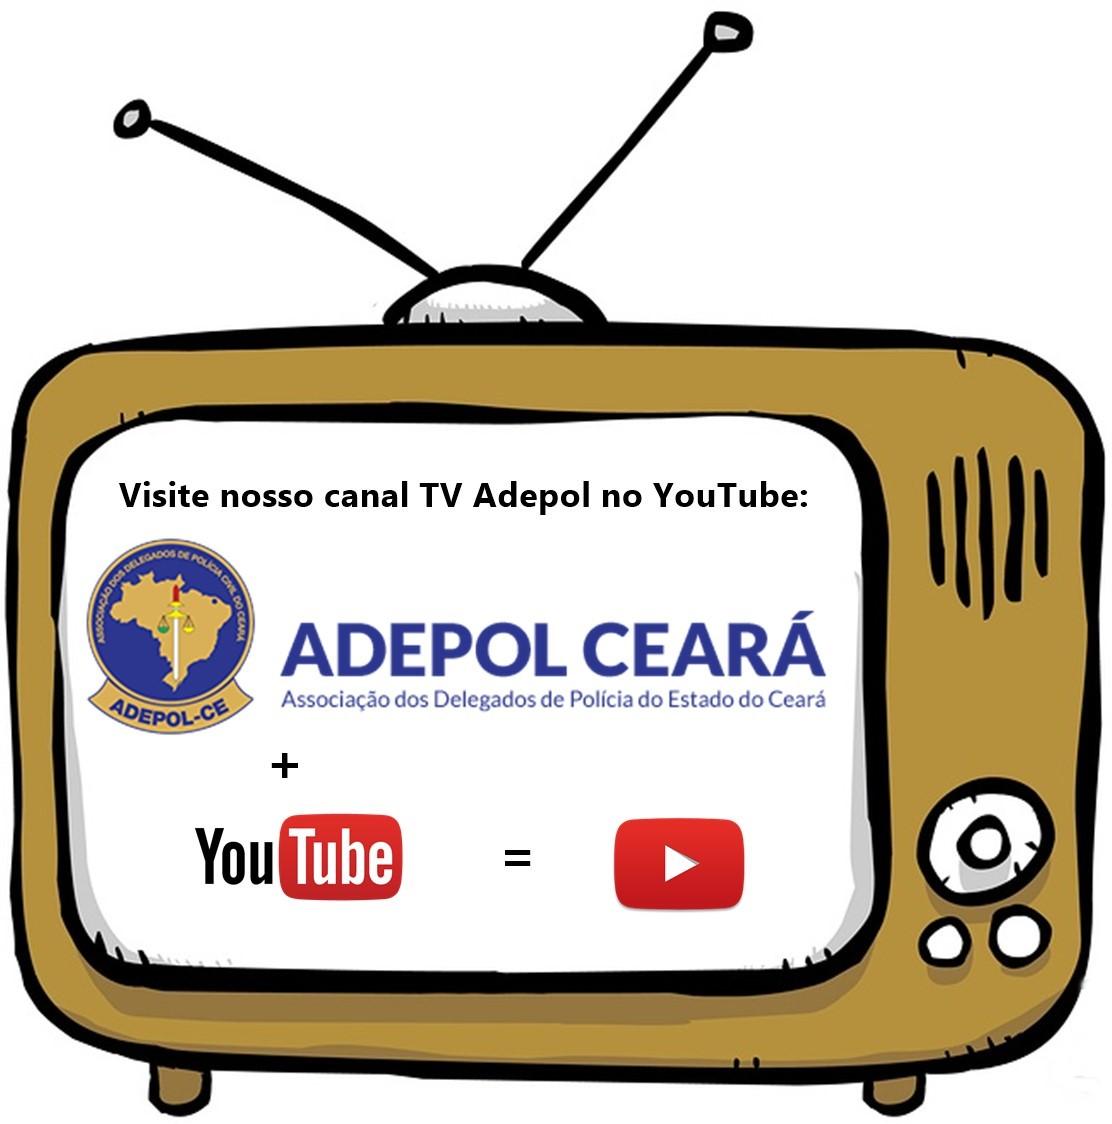 Visite nosso canal TV Adepol